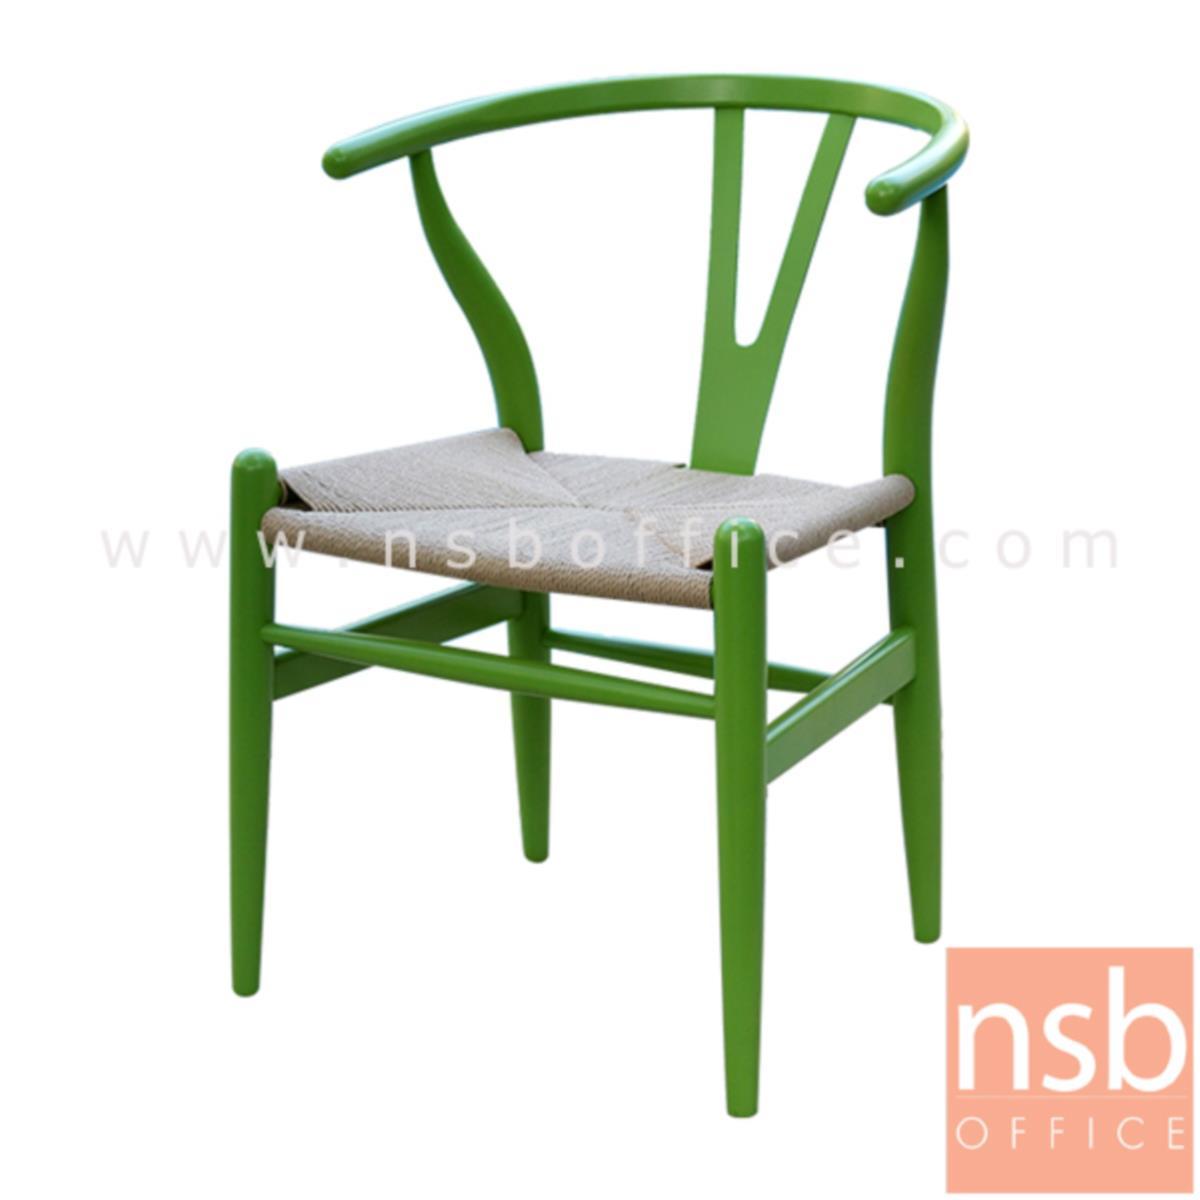 เก้าอี้โมเดิร์นหวายเทียม รุ่น PP92154 ขนาด 74W cm. โครงขาไม้